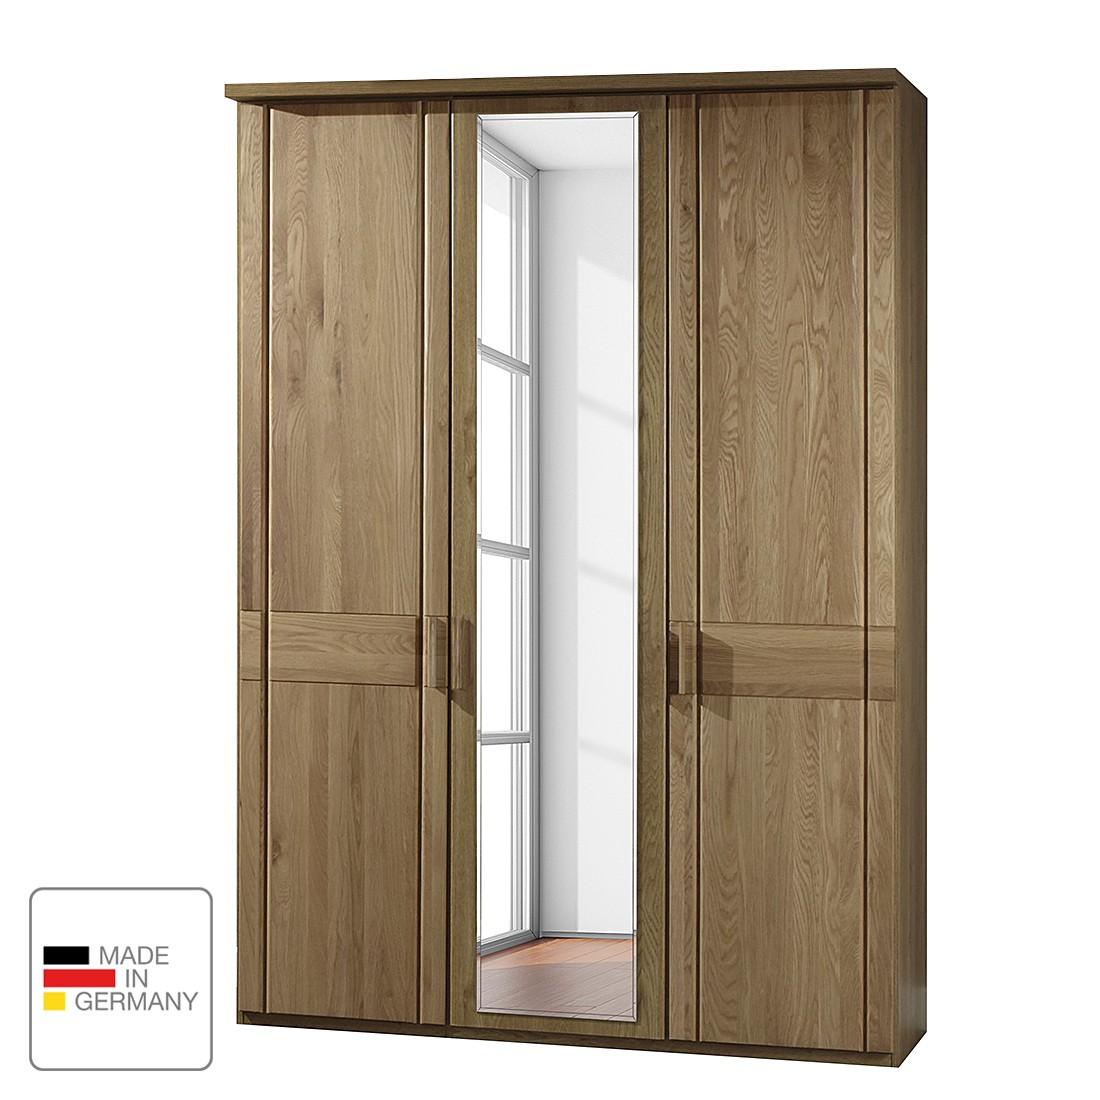 goedkoop Draaideurkast Münster deels massief eikenhout Zonder verlichting 350cm 7 deurs 1 spiegeldeur Met kroonlijst Wiemann